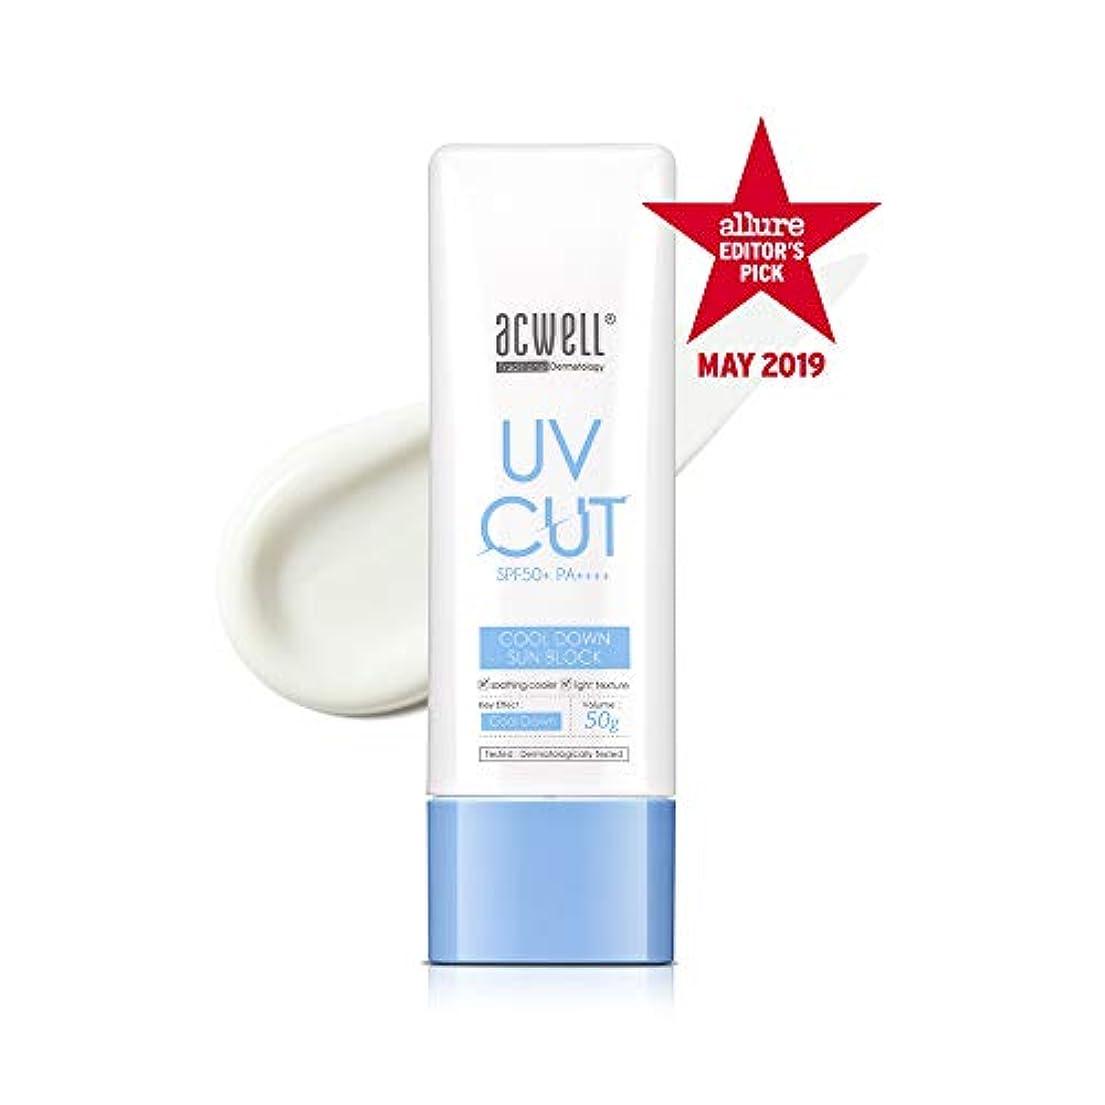 軍艦サンダー禁止するアクウェル ACWELL UV Cut Cool Down Sun Block クールダウン サンブロック 50g, SPF50+ PA++++ [Made in Korea]